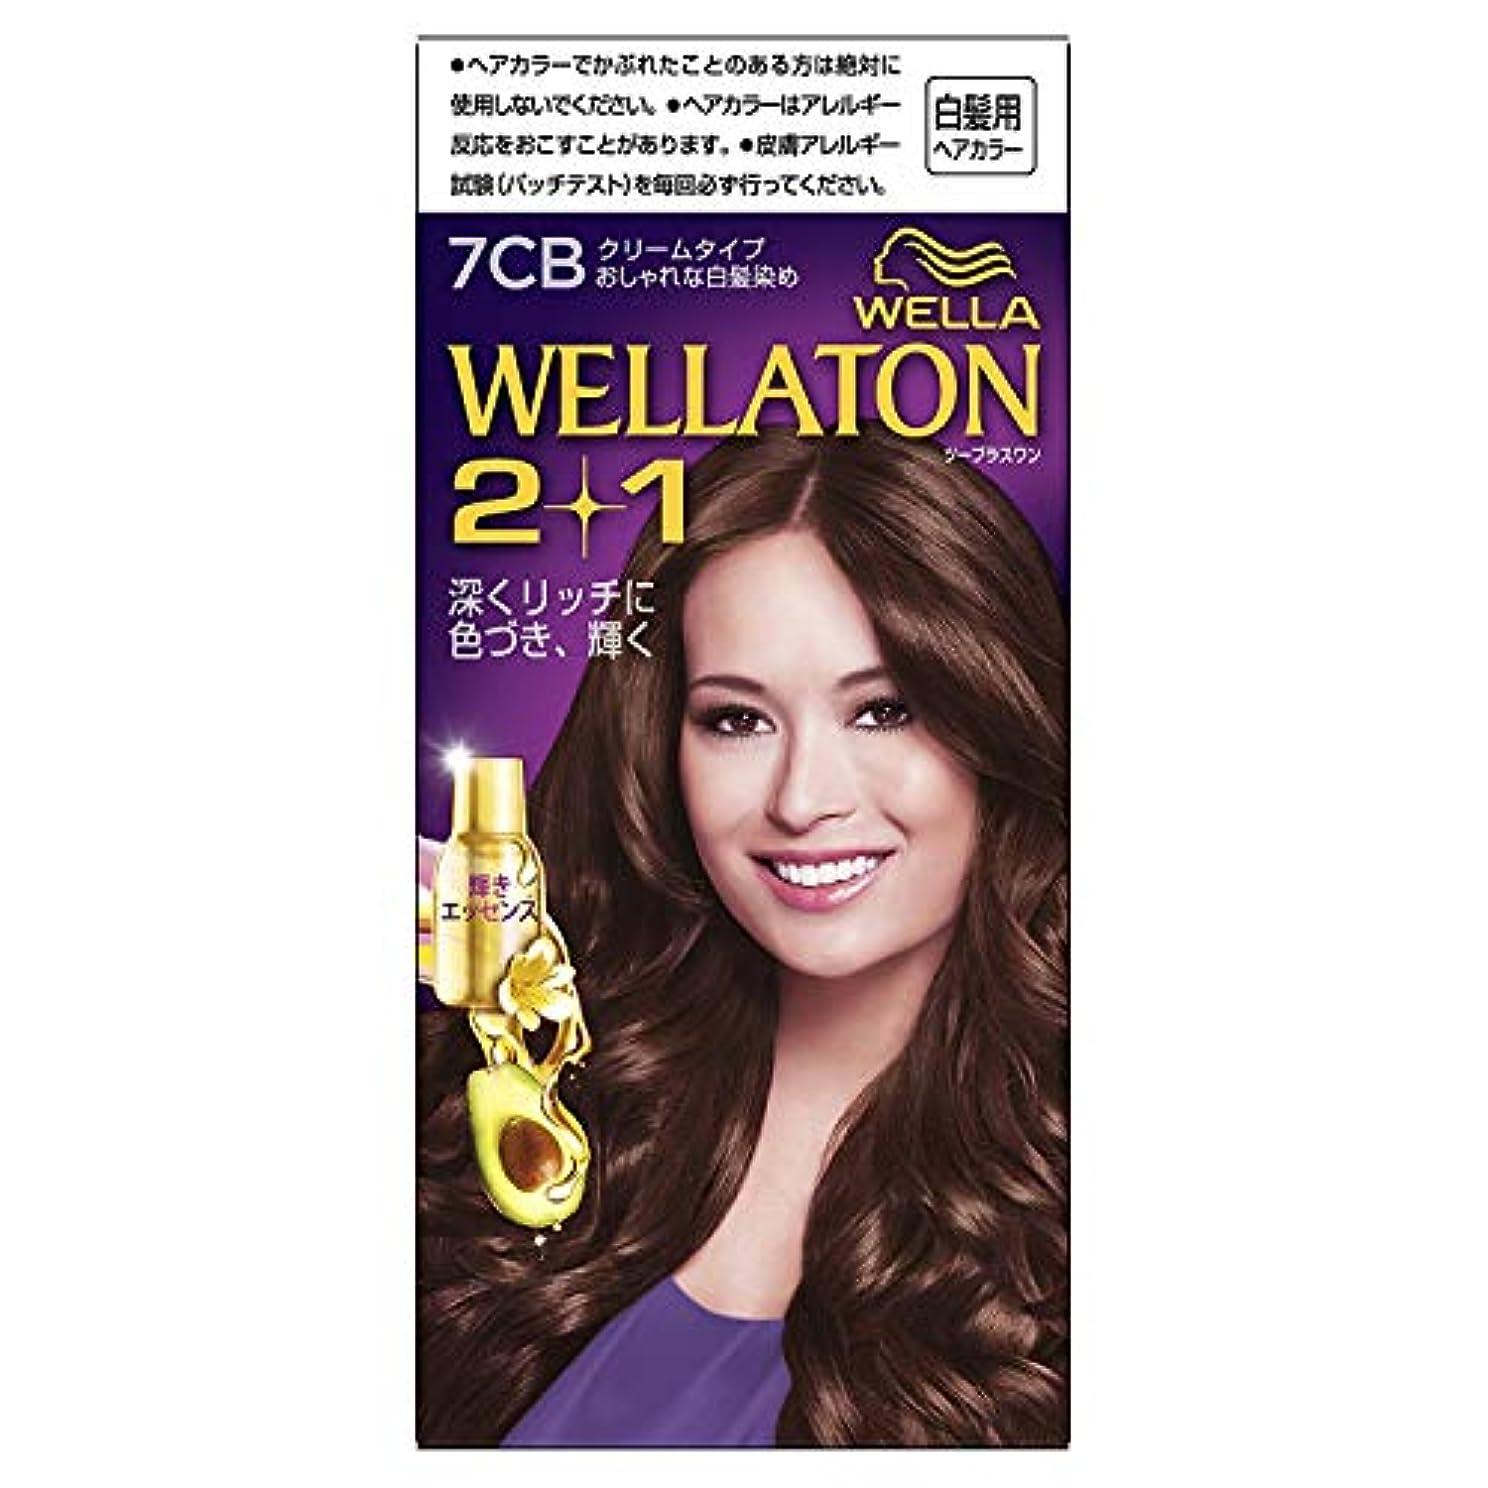 累計製作上げるウエラトーン2+1 白髪染め クリームタイプ 7CB [医薬部外品] ×6個